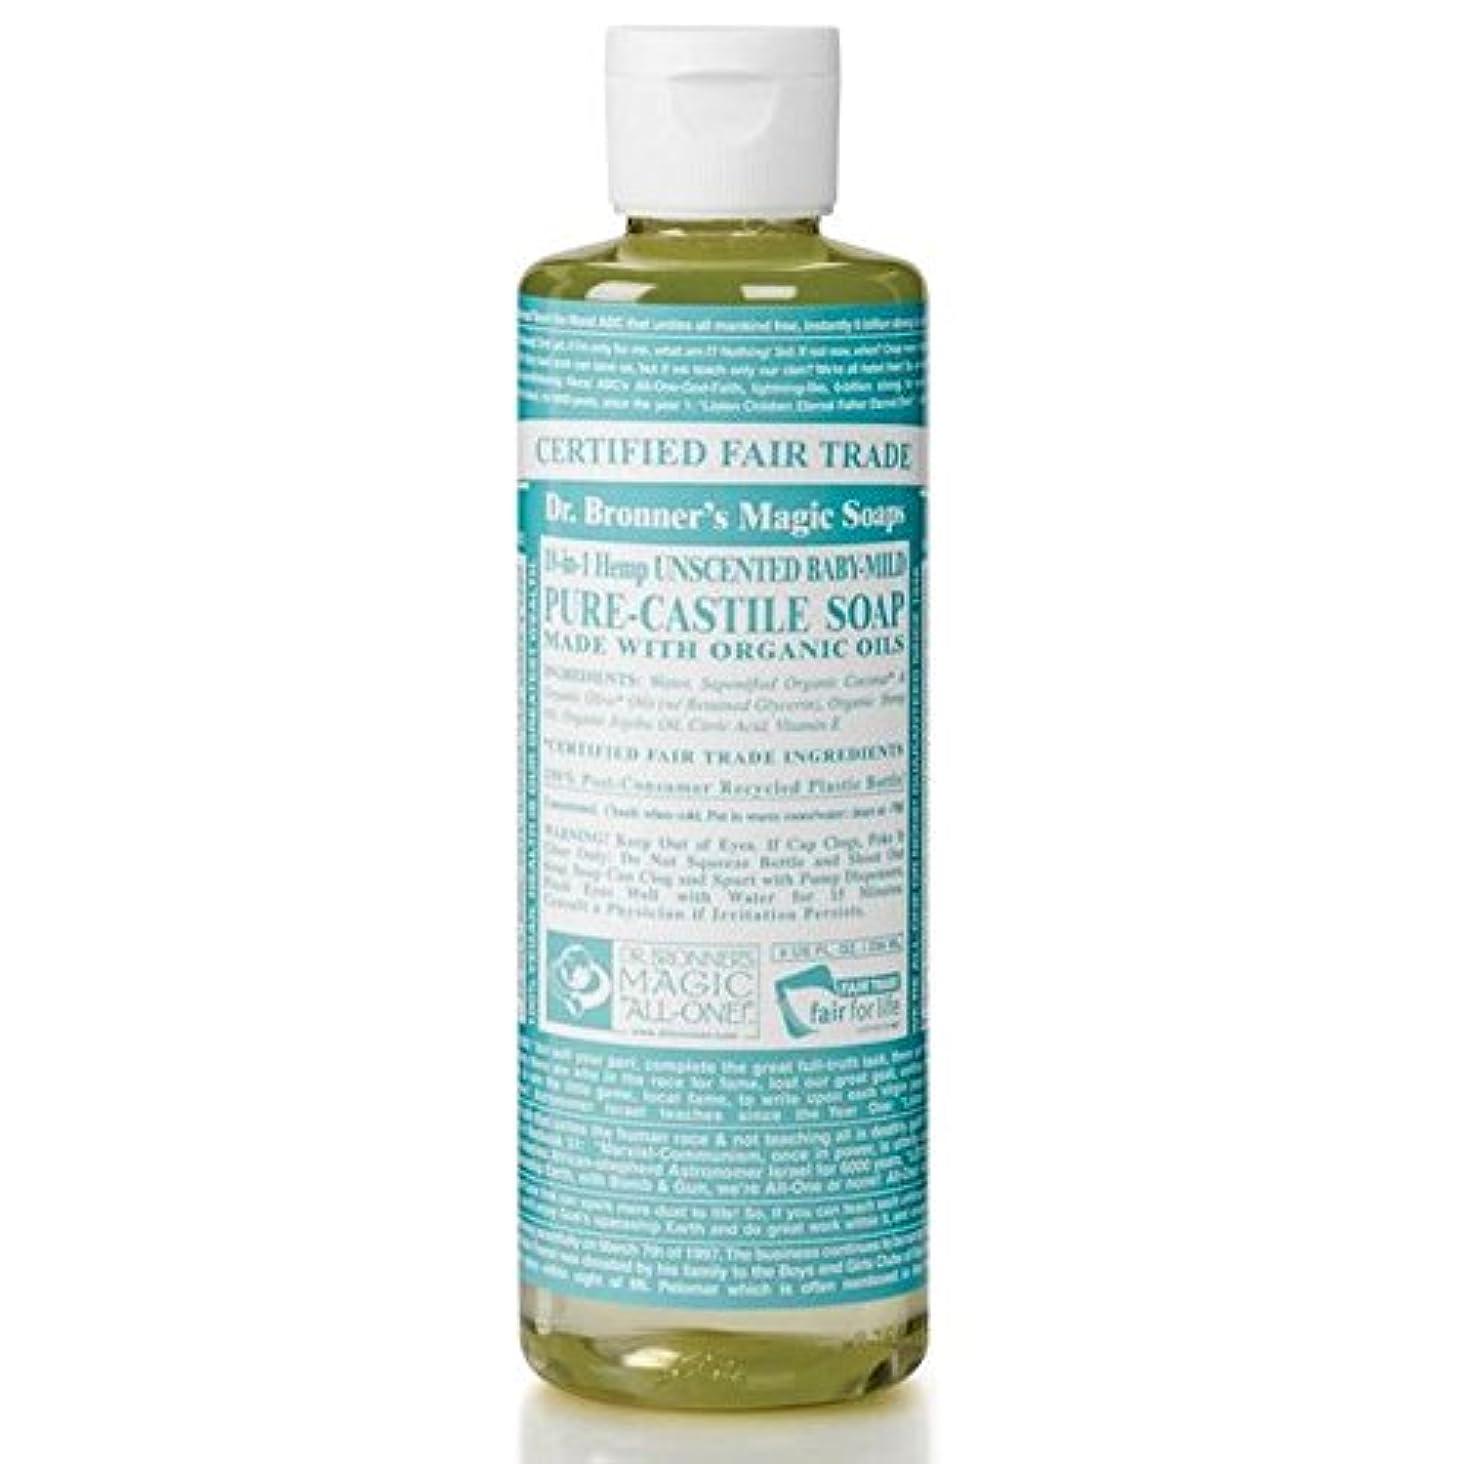 環境保護主義者弁護士はちみつDr Bronner Organic Baby Mild Cast Liquid Soap 237ml - のブロナーオーガニックベビーマイルドなキャスト液体石鹸237ミリリットル [並行輸入品]